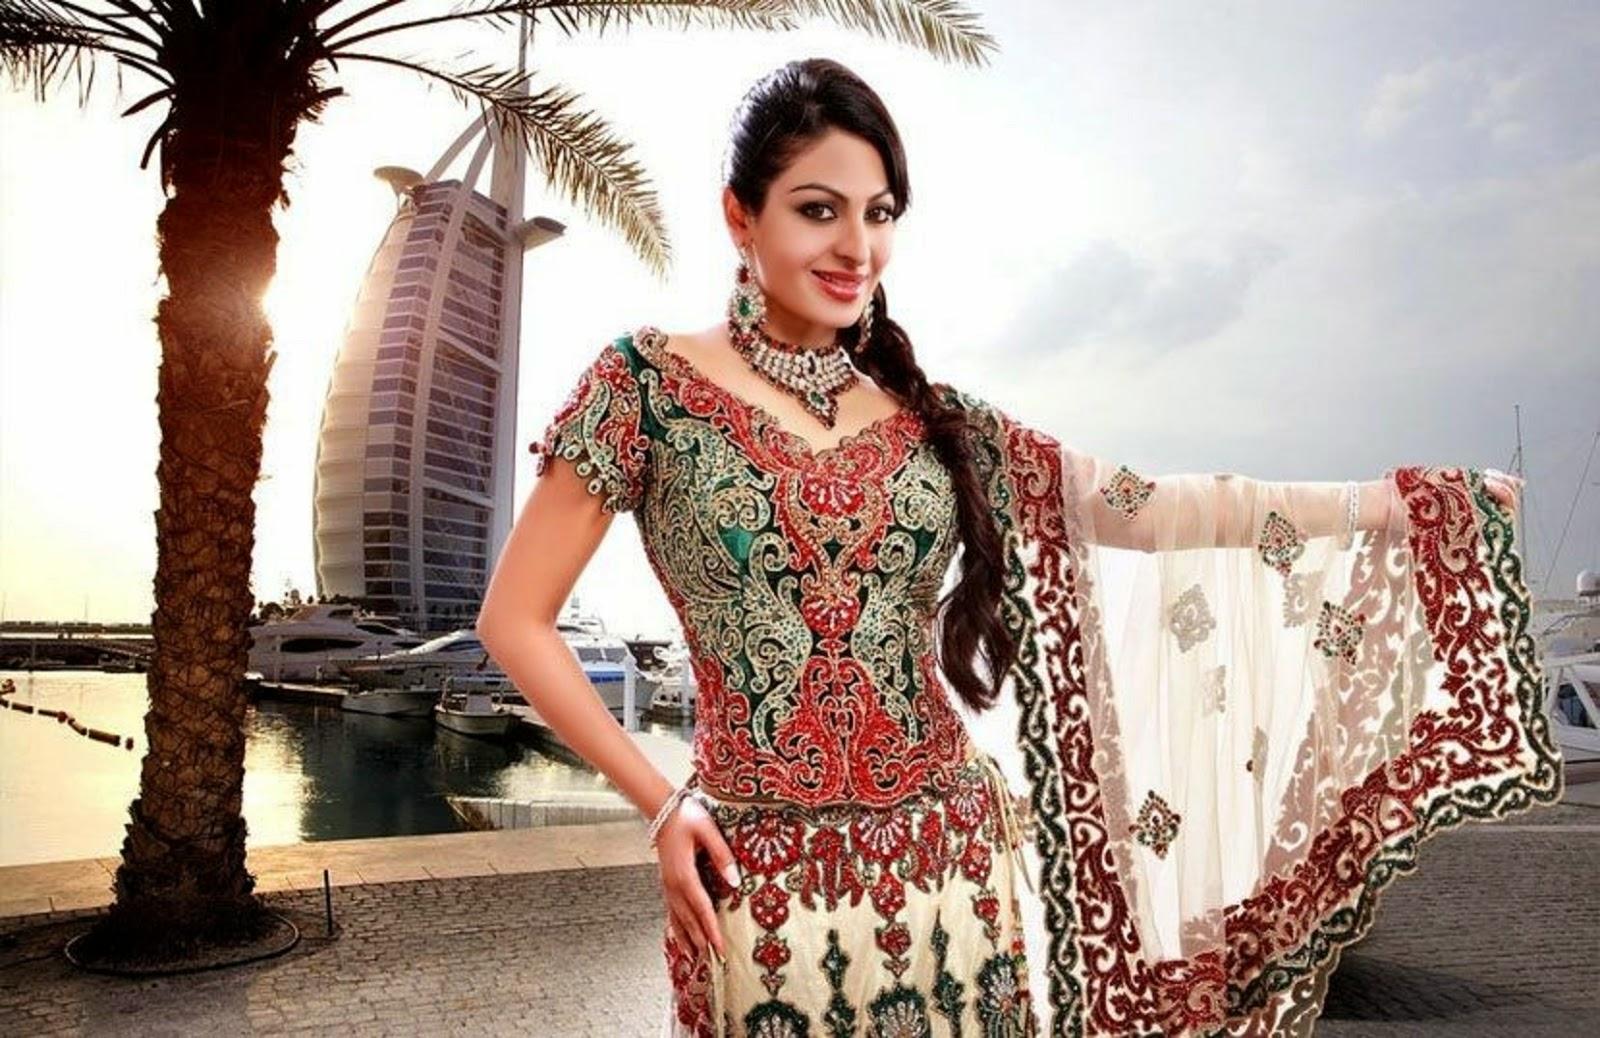 Neeru+Bajwa+Suits ... Download: Beautiful Punjabi Actress Neeru Bajwa ...